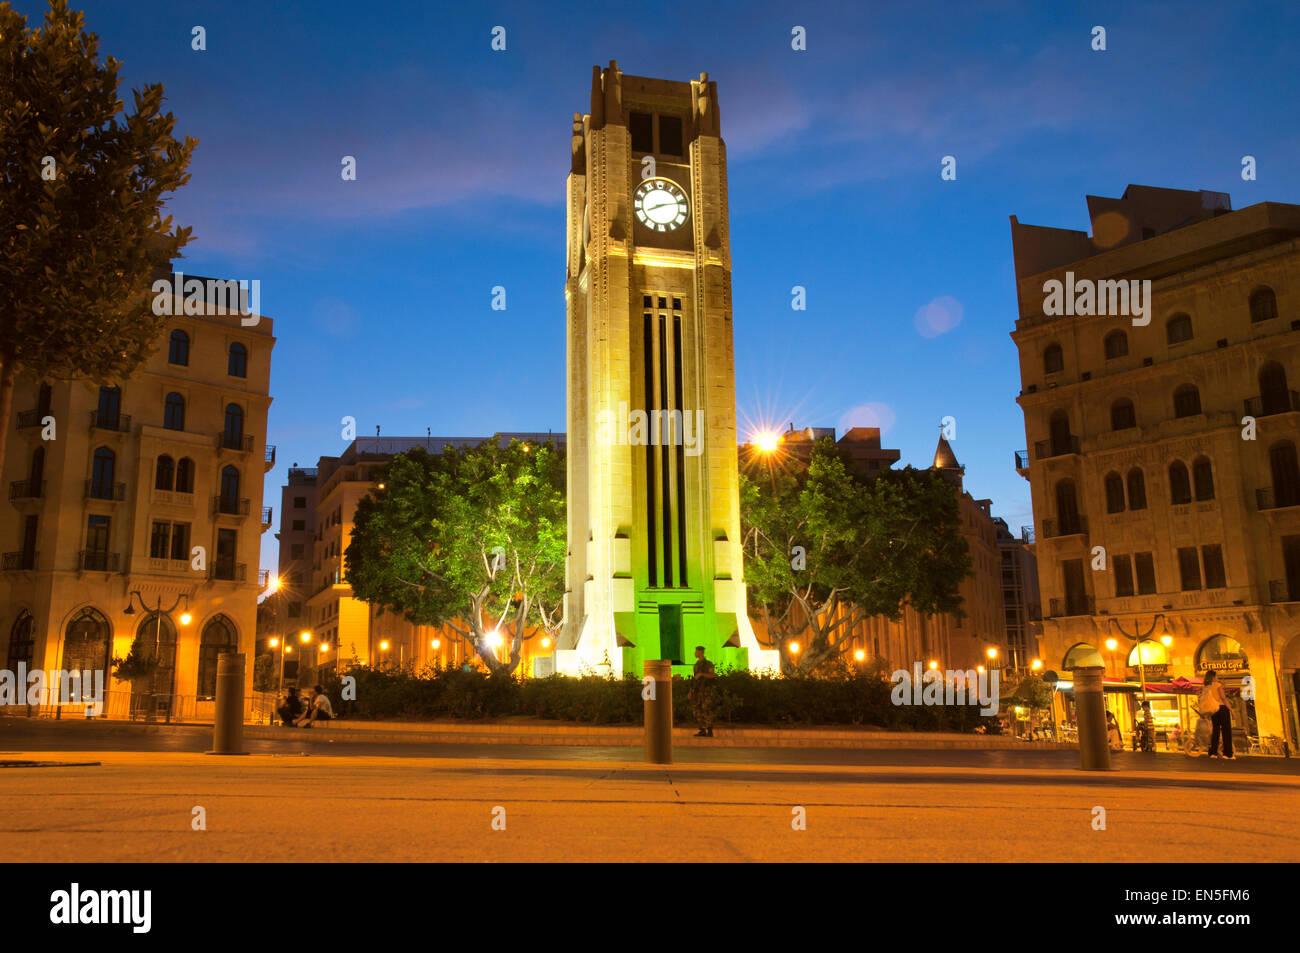 Etoile Square. El centro de la ciudad de Beirut. El Líbano. Imagen De Stock